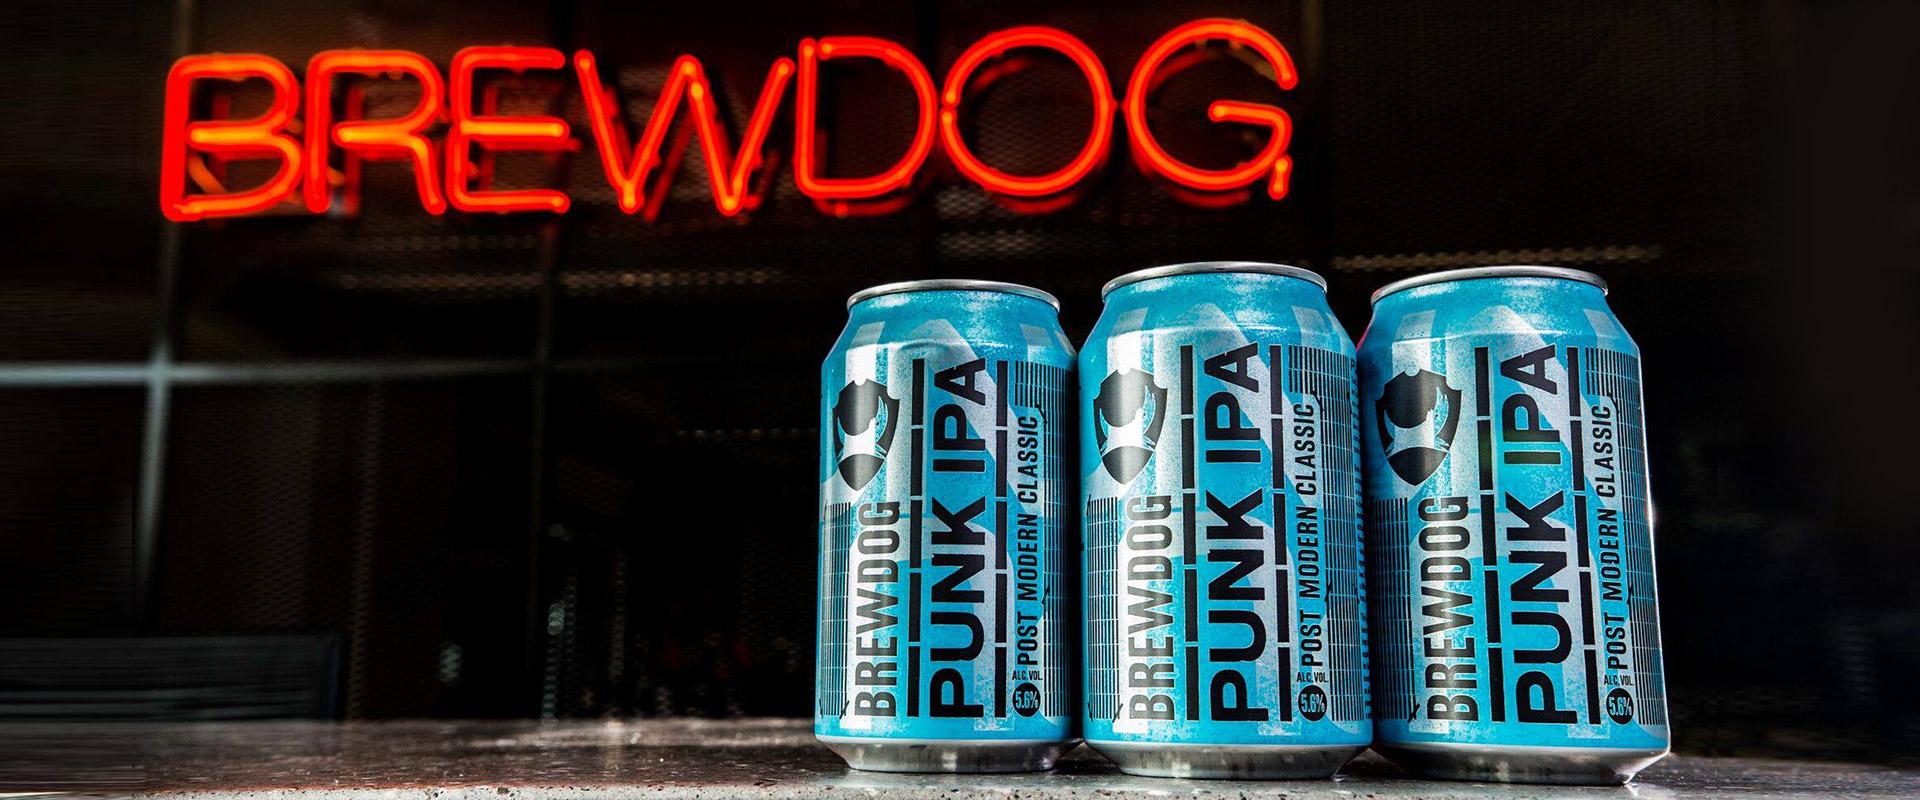 La passione per la birra artigianale made in Scozia: il birrificio Brewdog